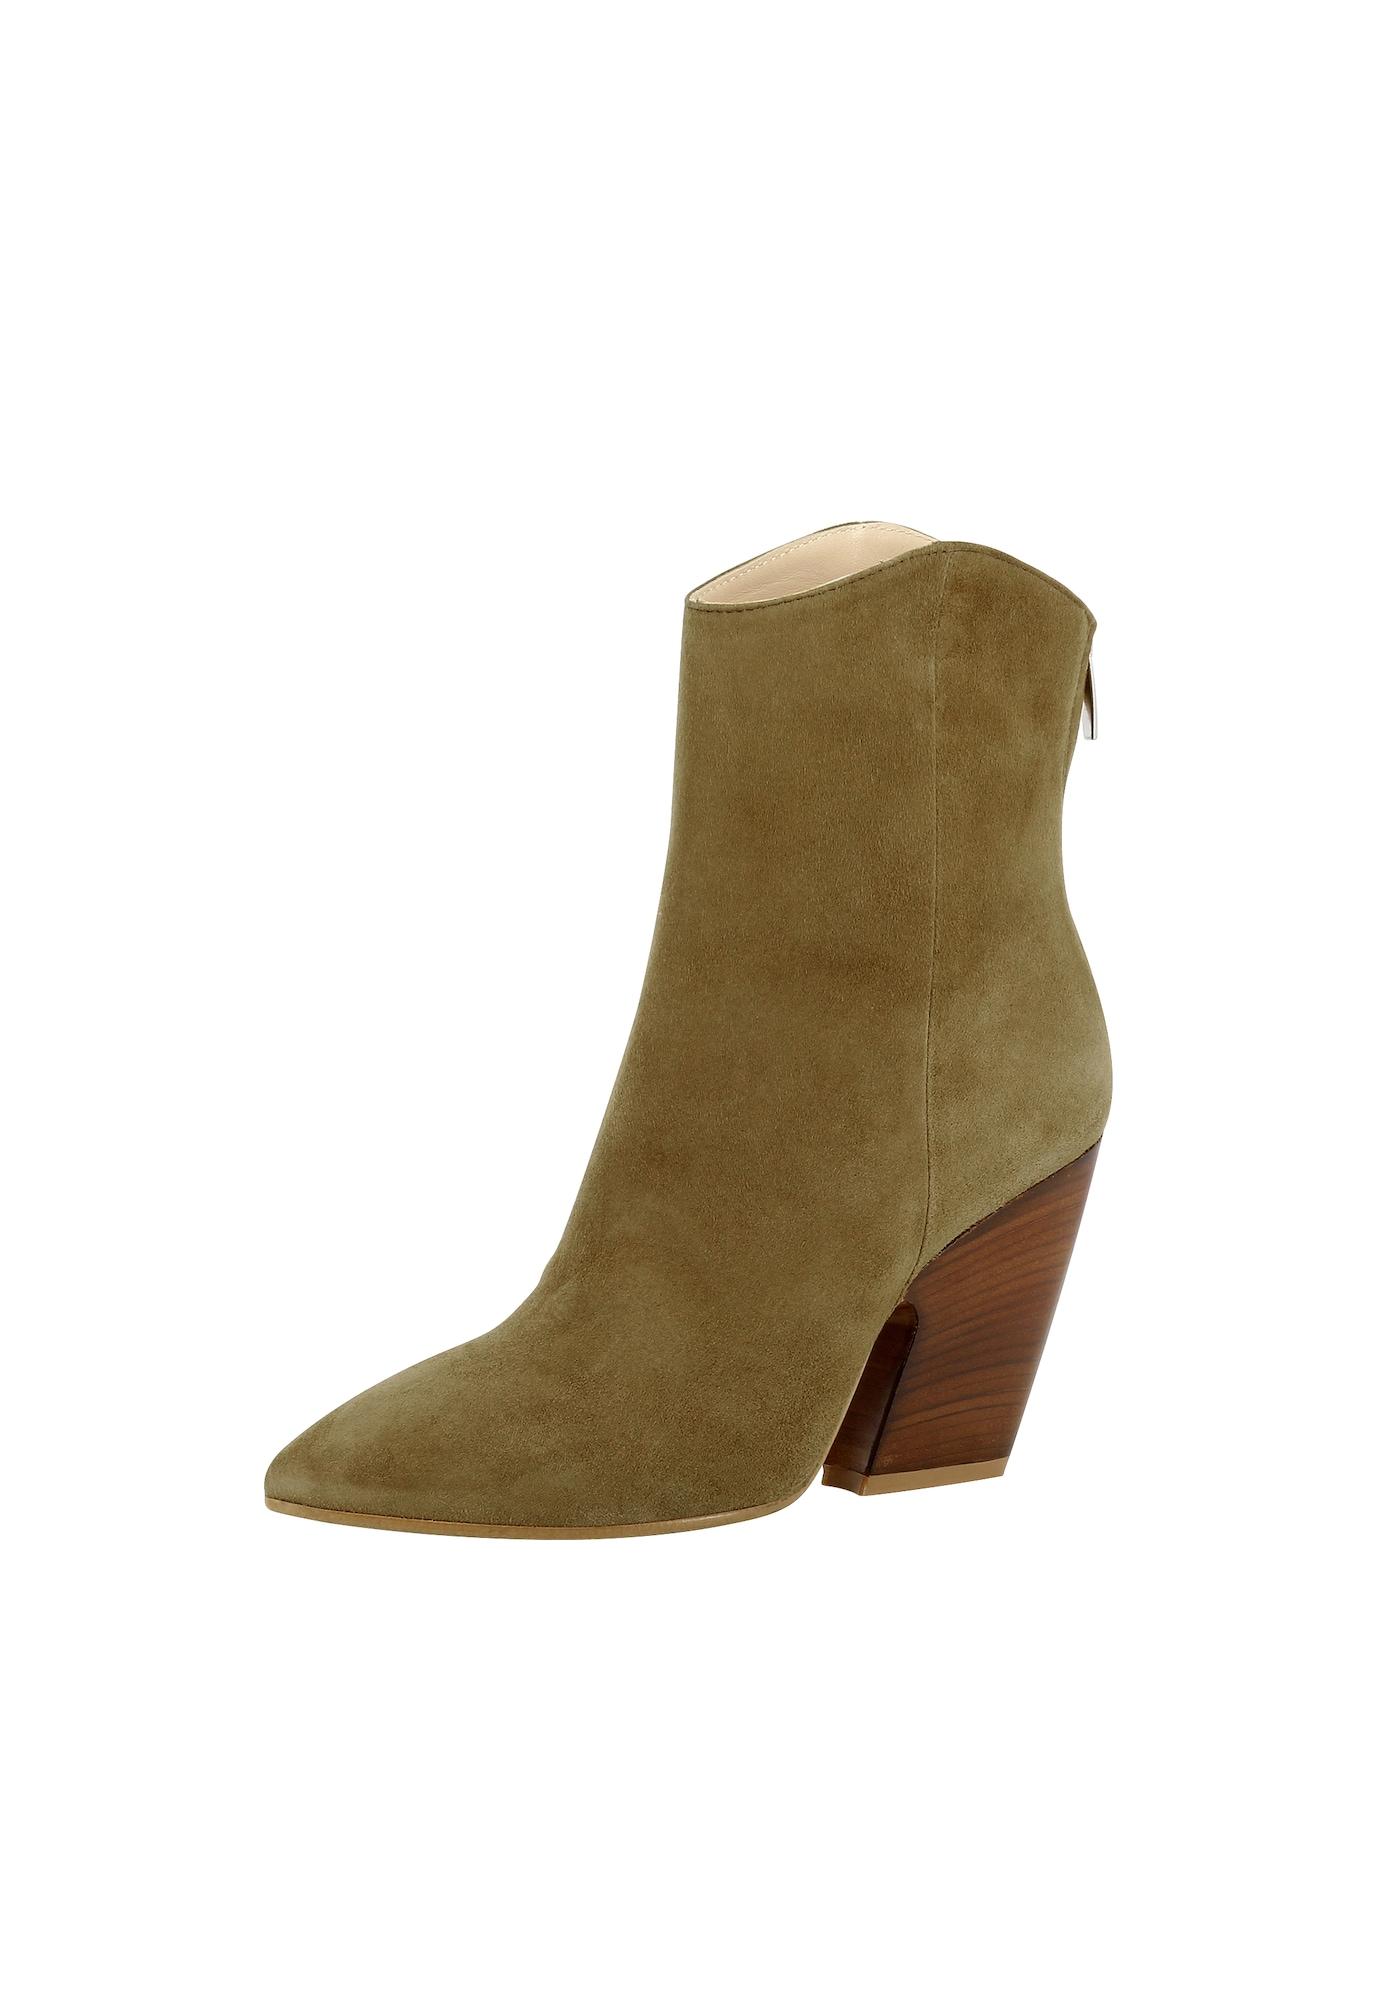 Stiefelette CAMILLA | Schuhe > Stiefeletten | Braun | EVITA